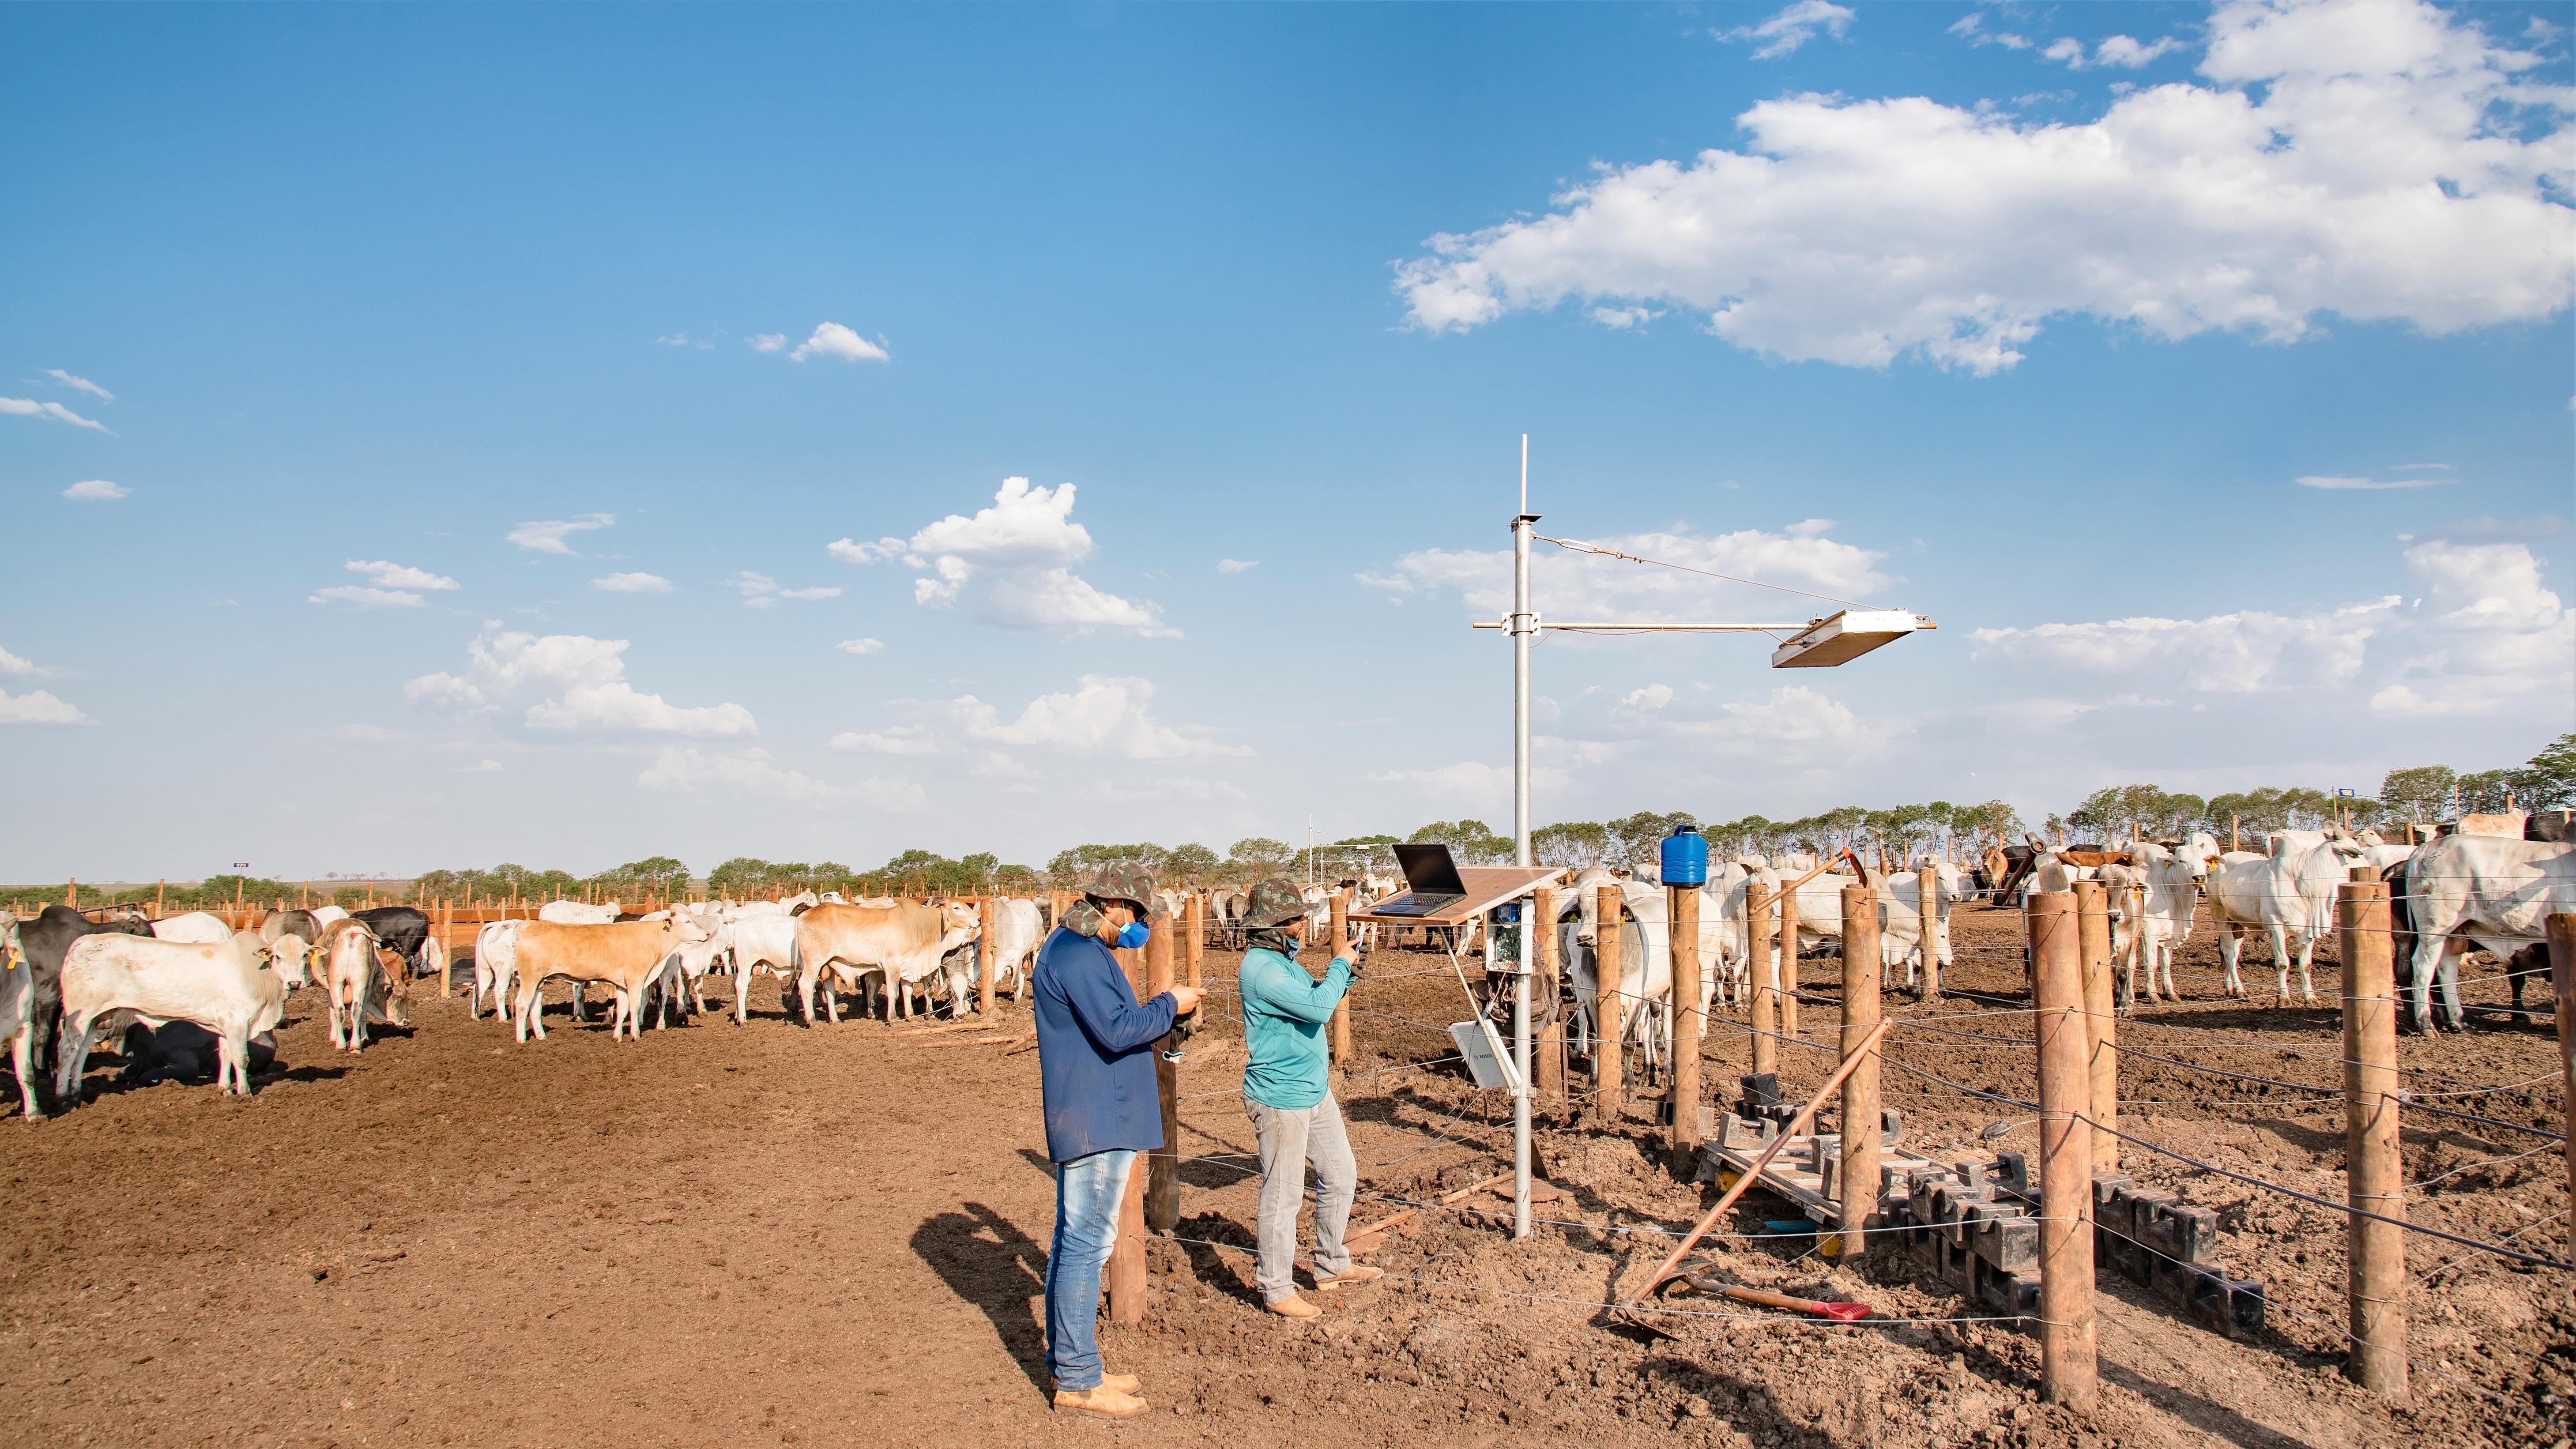 Brazilian cattle farm